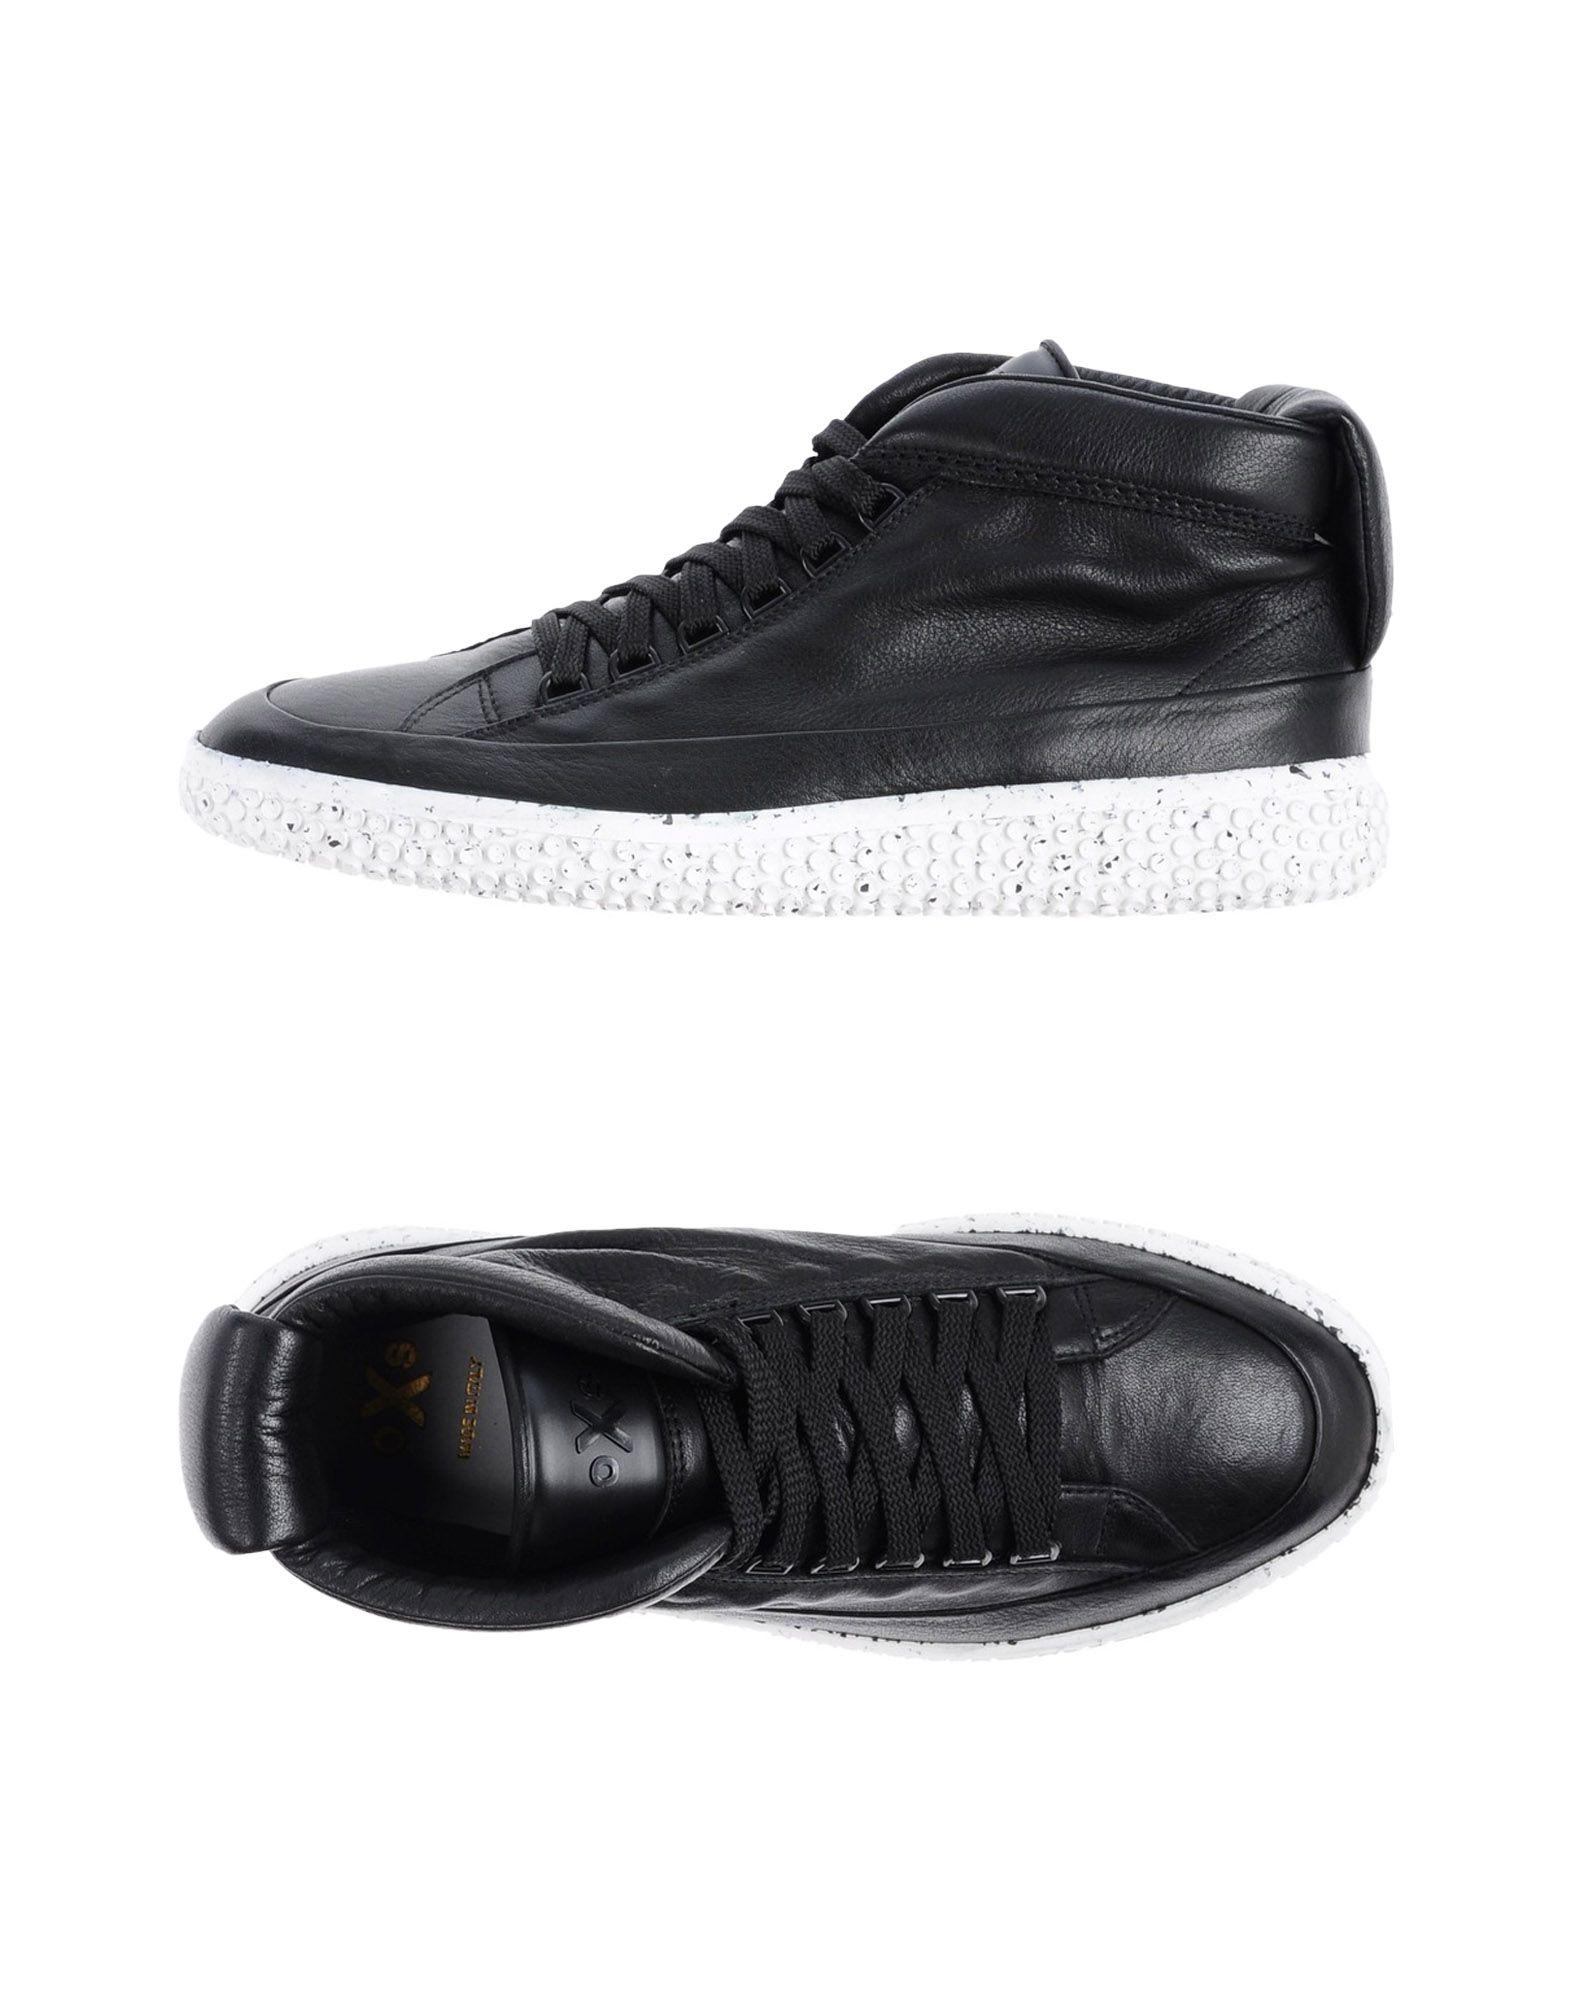 Rabatt echte Schuhe O.X.S. Sneakers Herren  11354929VN